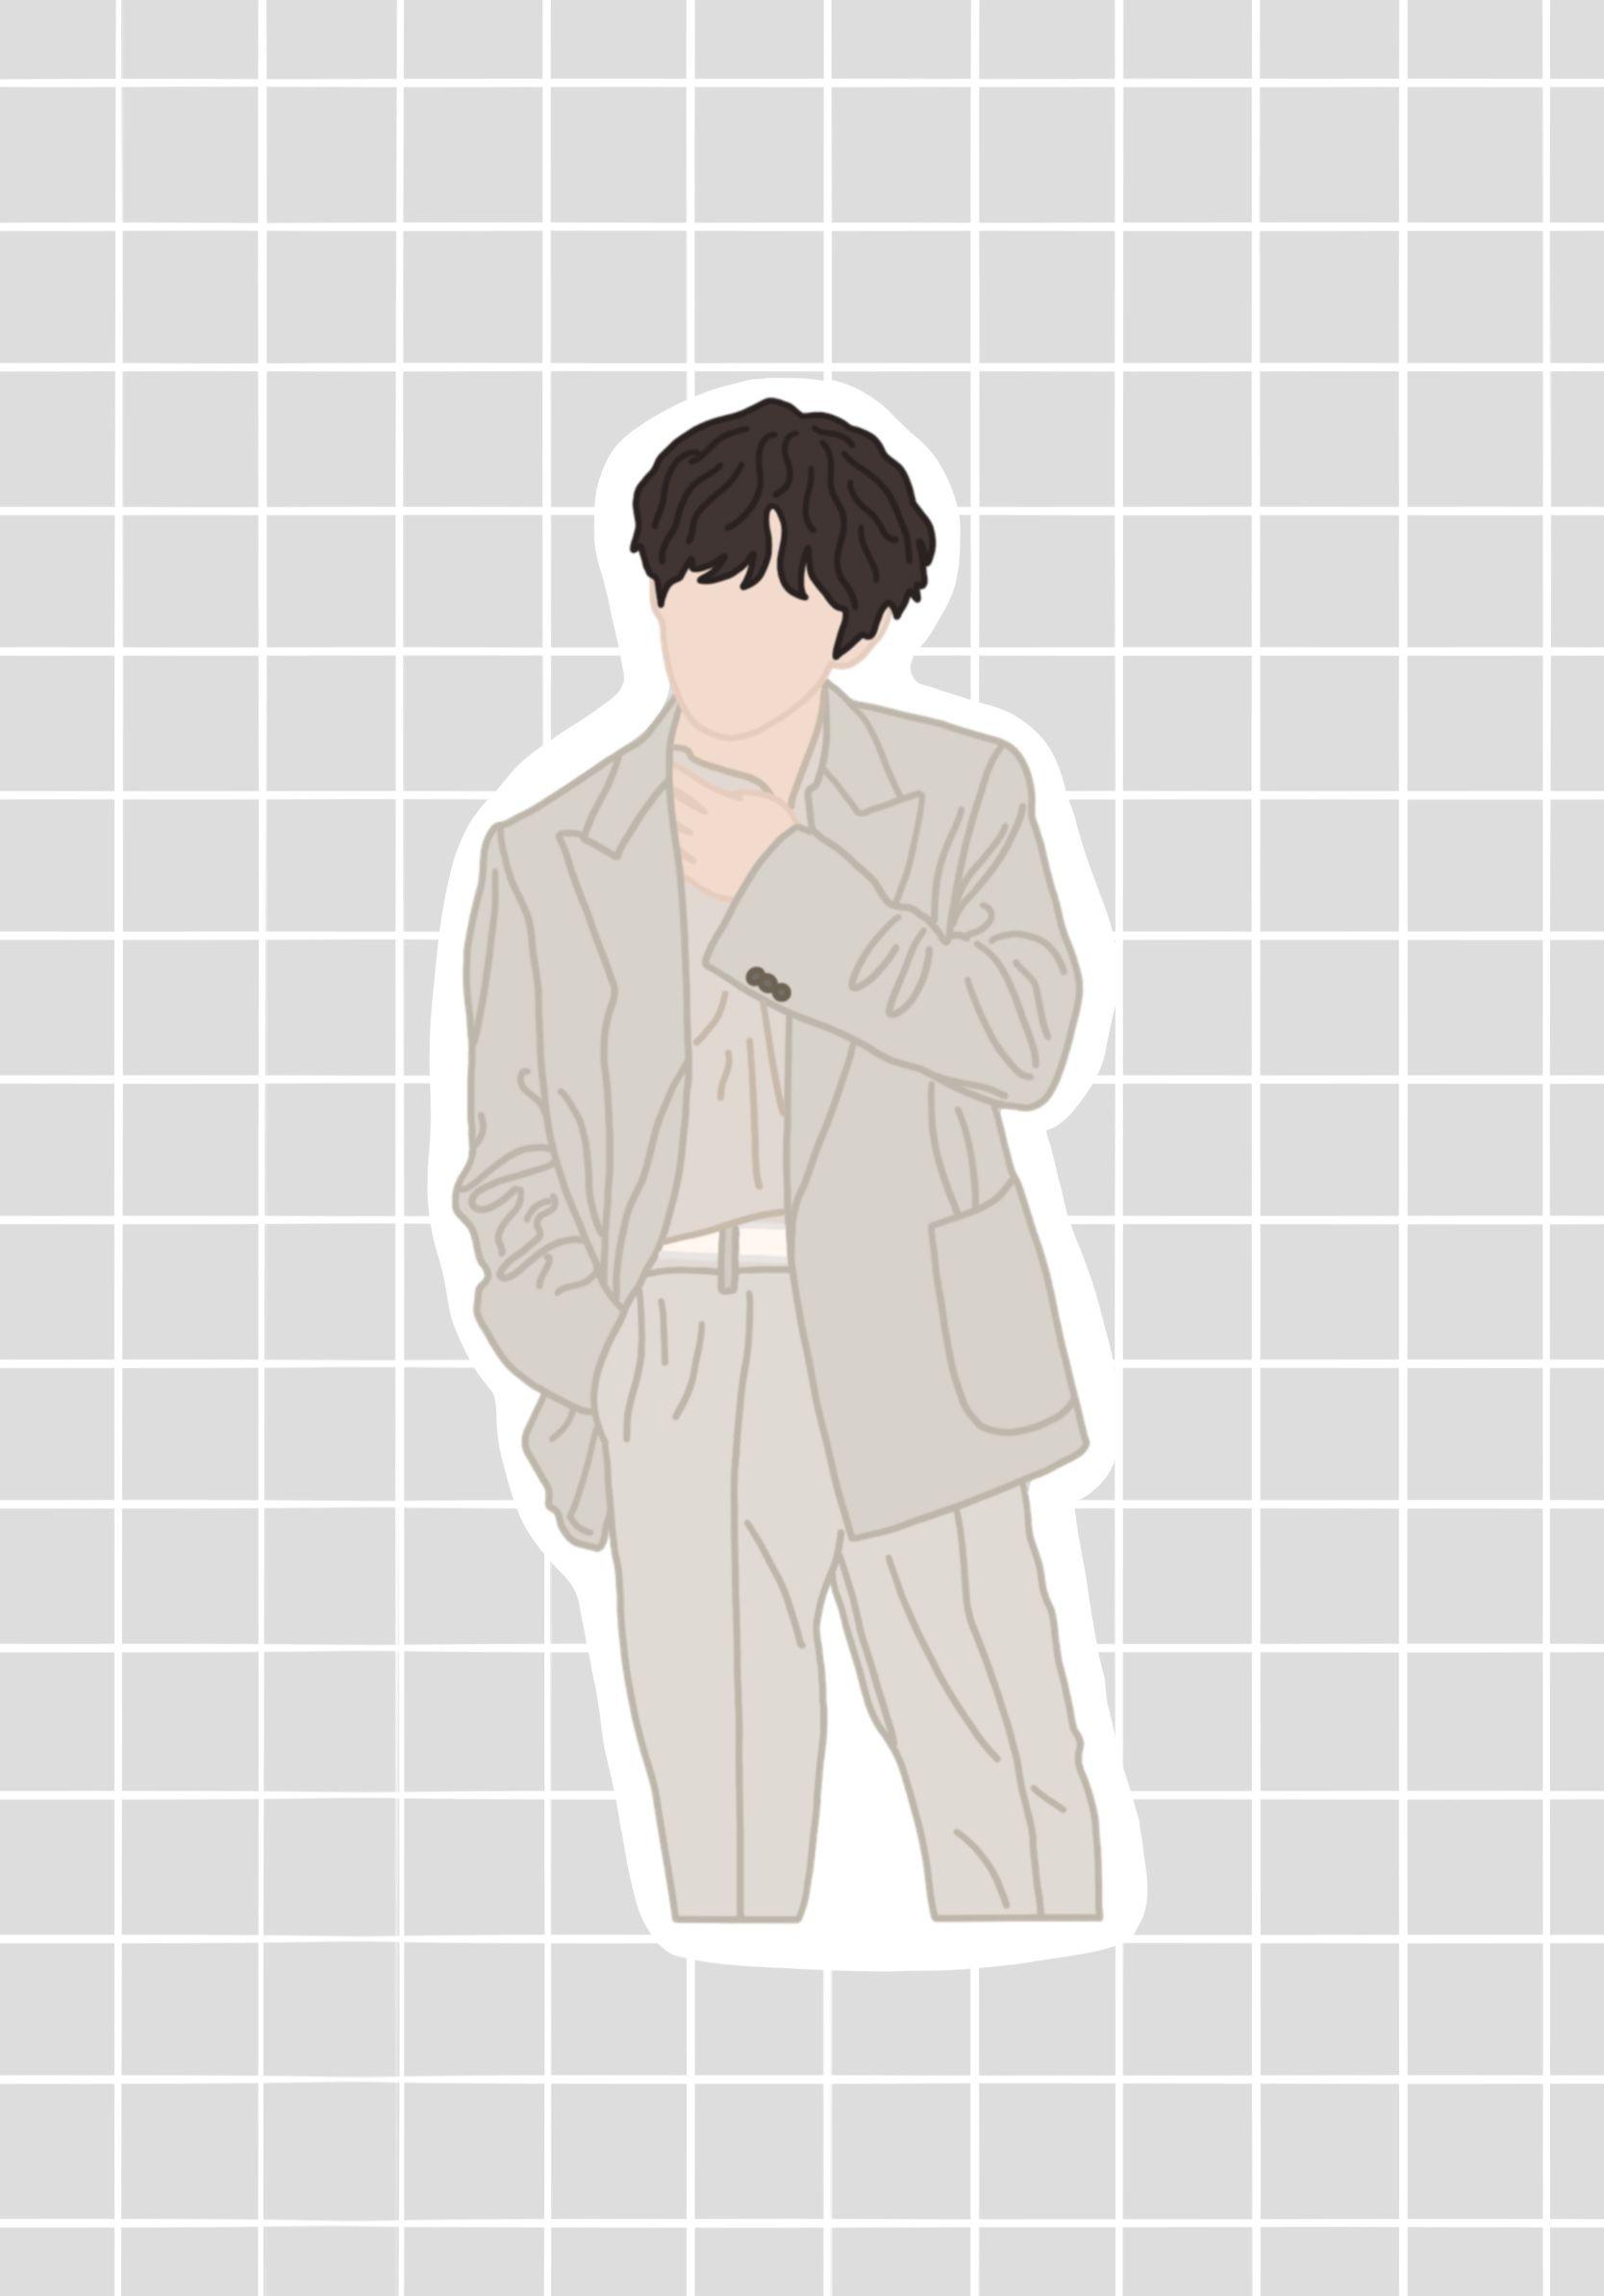 Bts V Kim Taehyung Vinyl Sticker In 2020